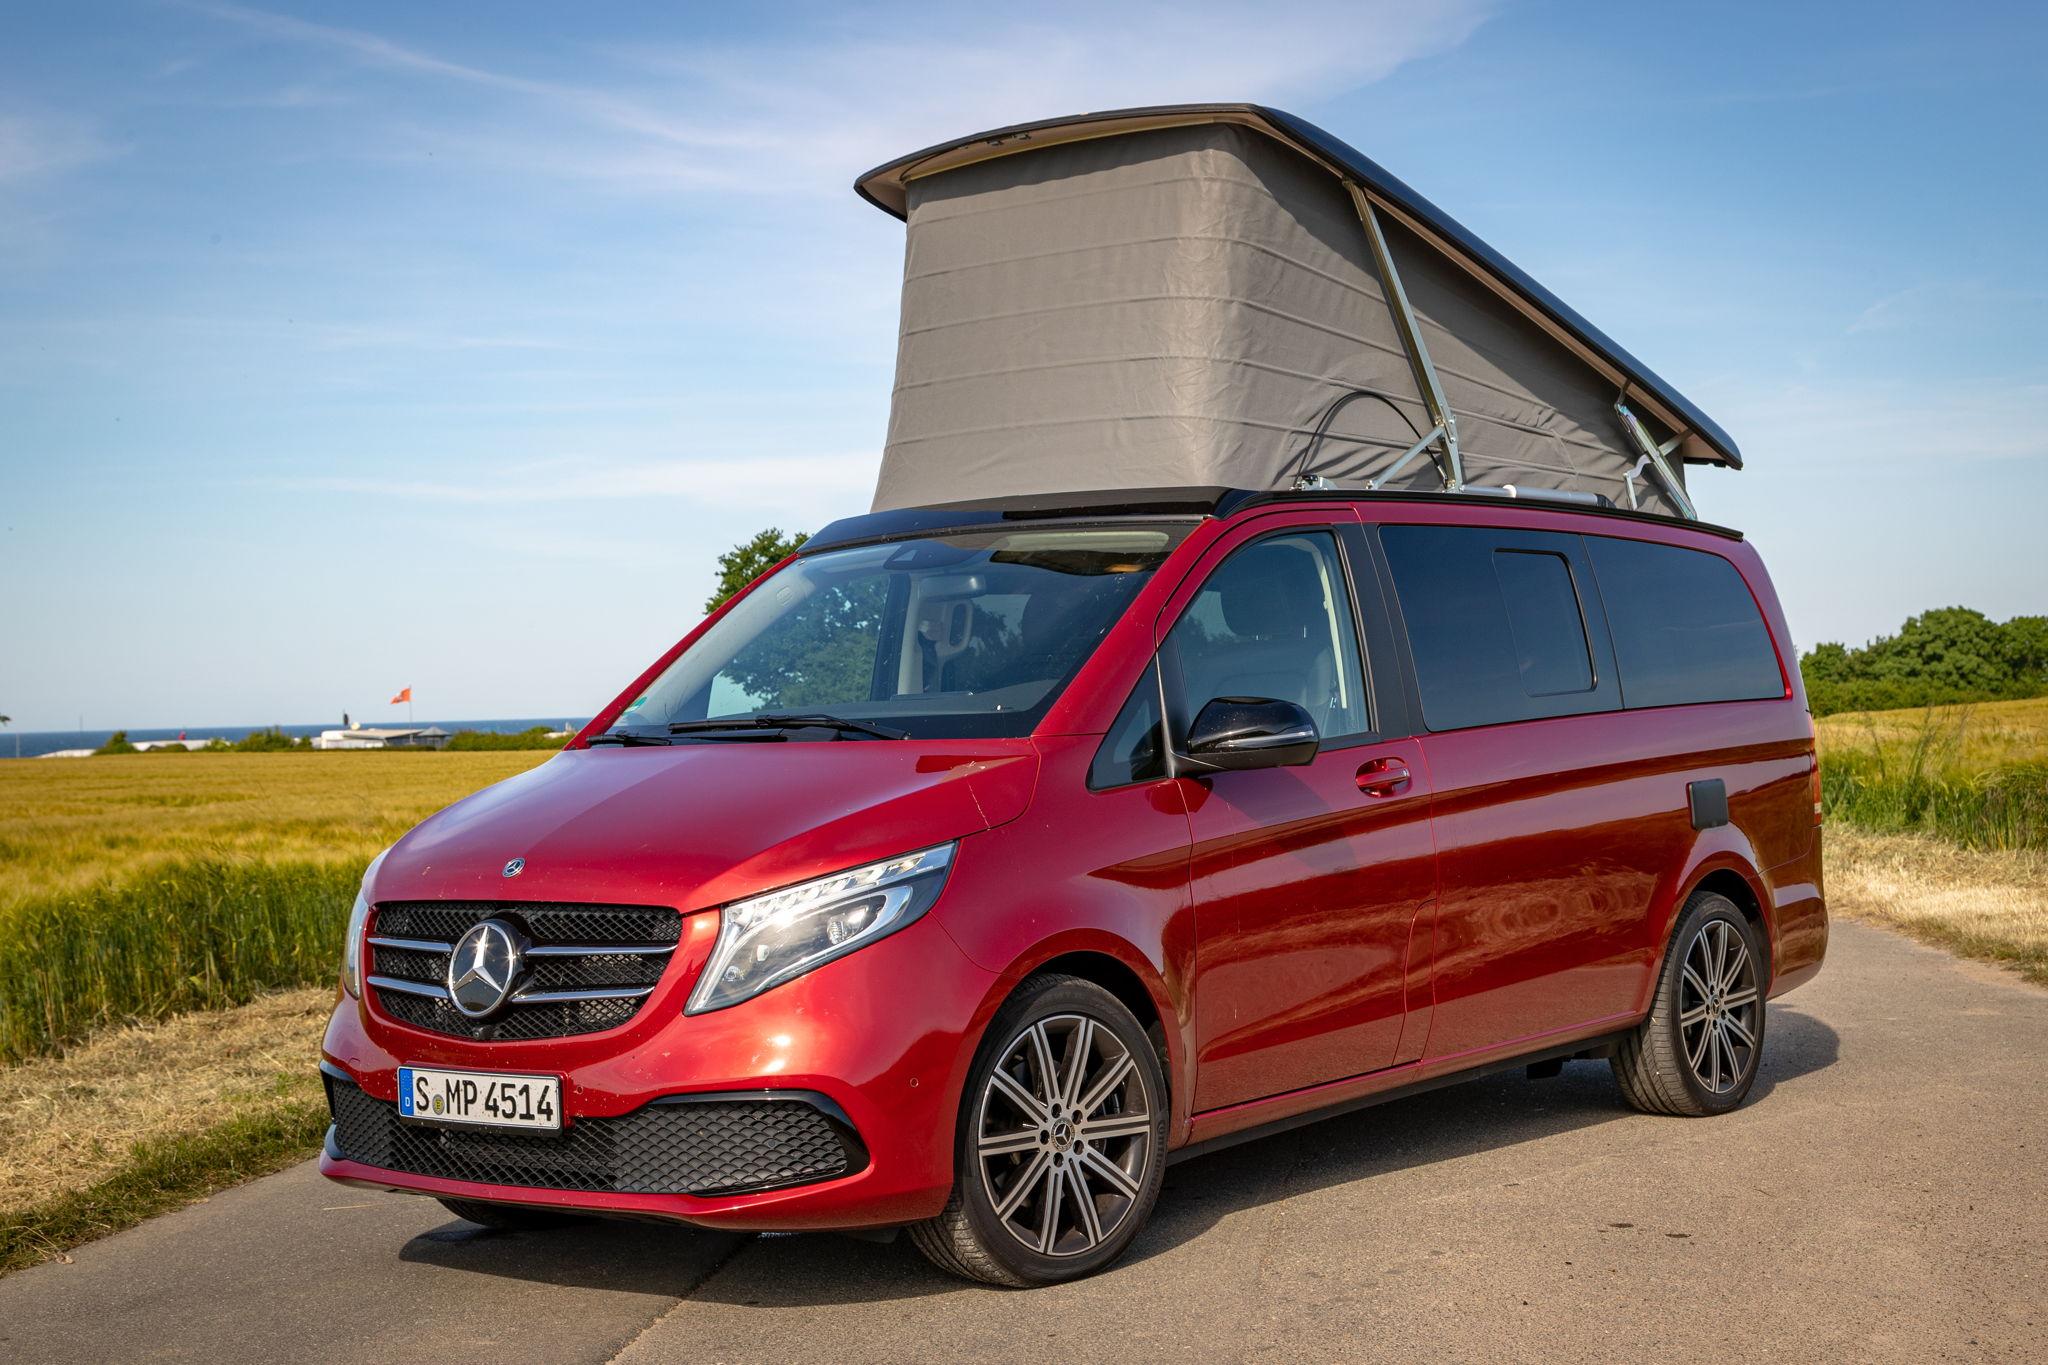 Raus aus dem Alltag & mit Marco Polo Unabhängigkeit genießen #VanLife #Mercedes